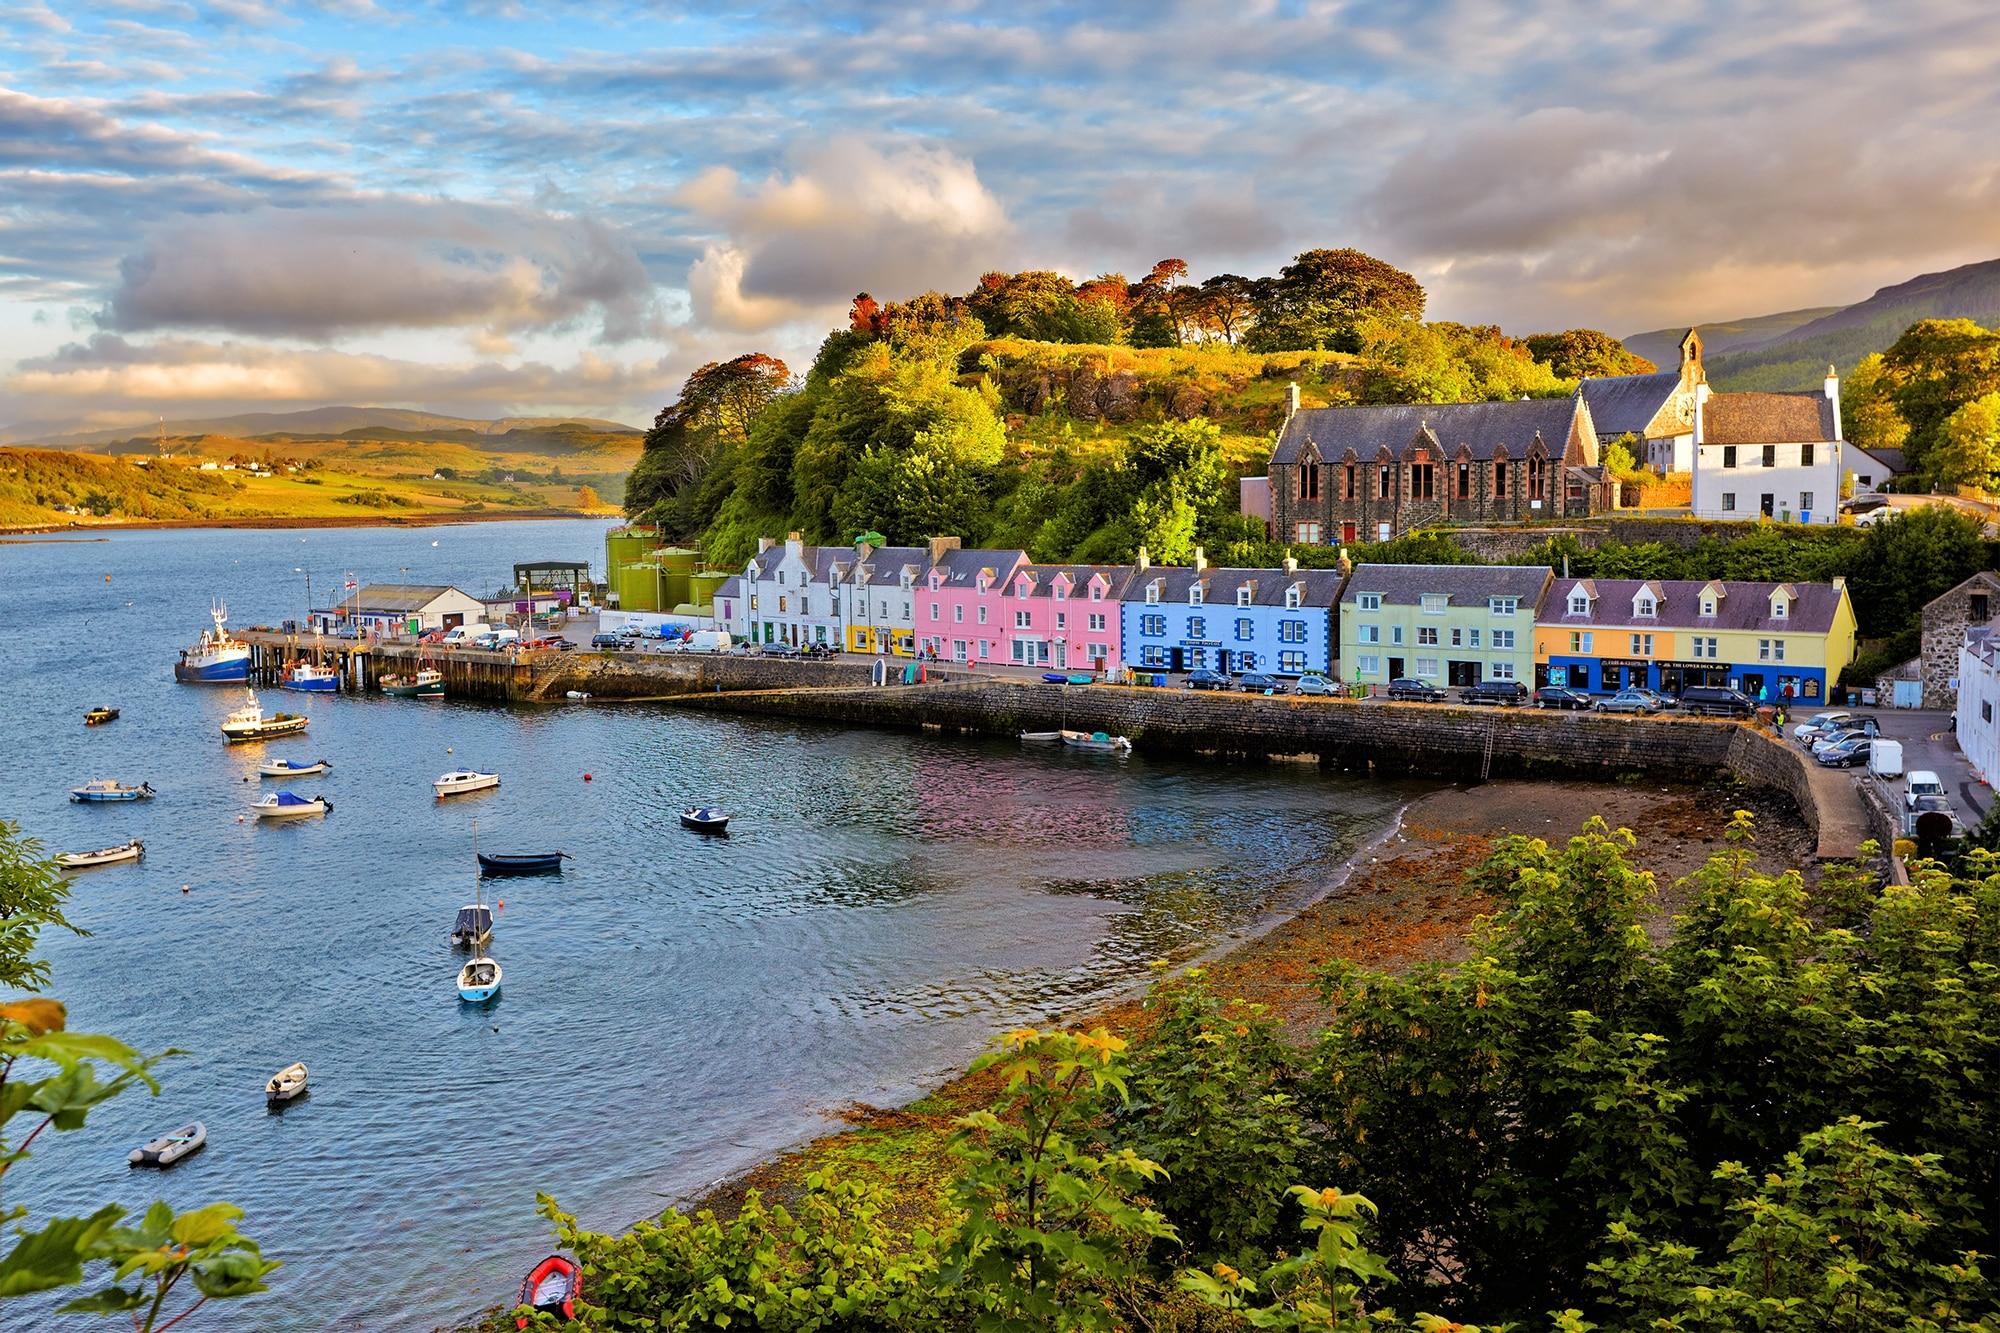 Lieux à visiter en Écosse - L'île de Skye